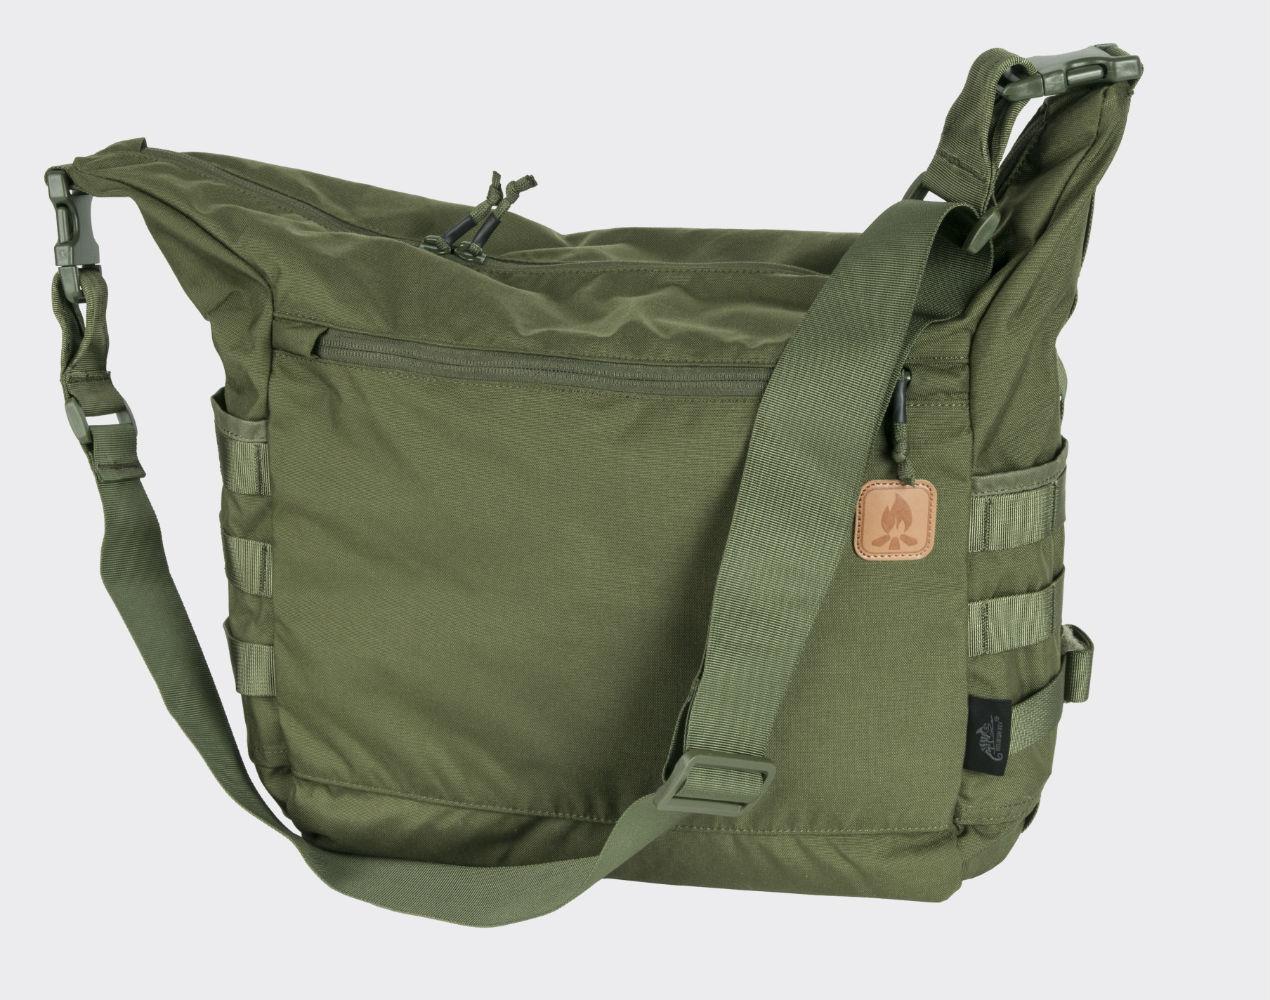 Helikon BUSHCRAFT SATCHEL Bag Cordura Umhängetasche Outdoor Tasche Oliv Green.